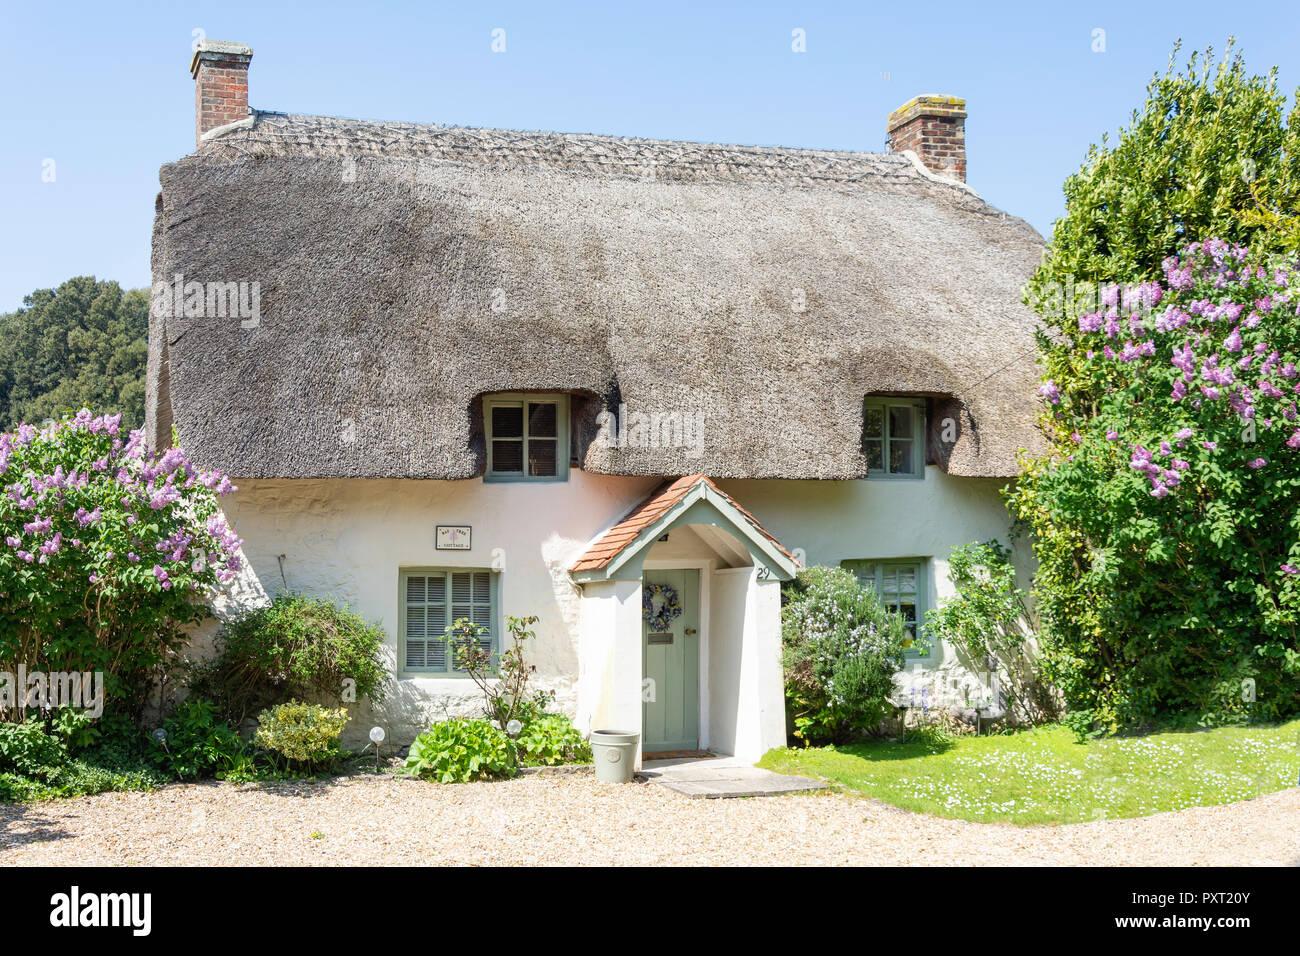 Thatched cottage, Main Road, West Lulworth, Dorset, England, United Kingdom - Stock Image